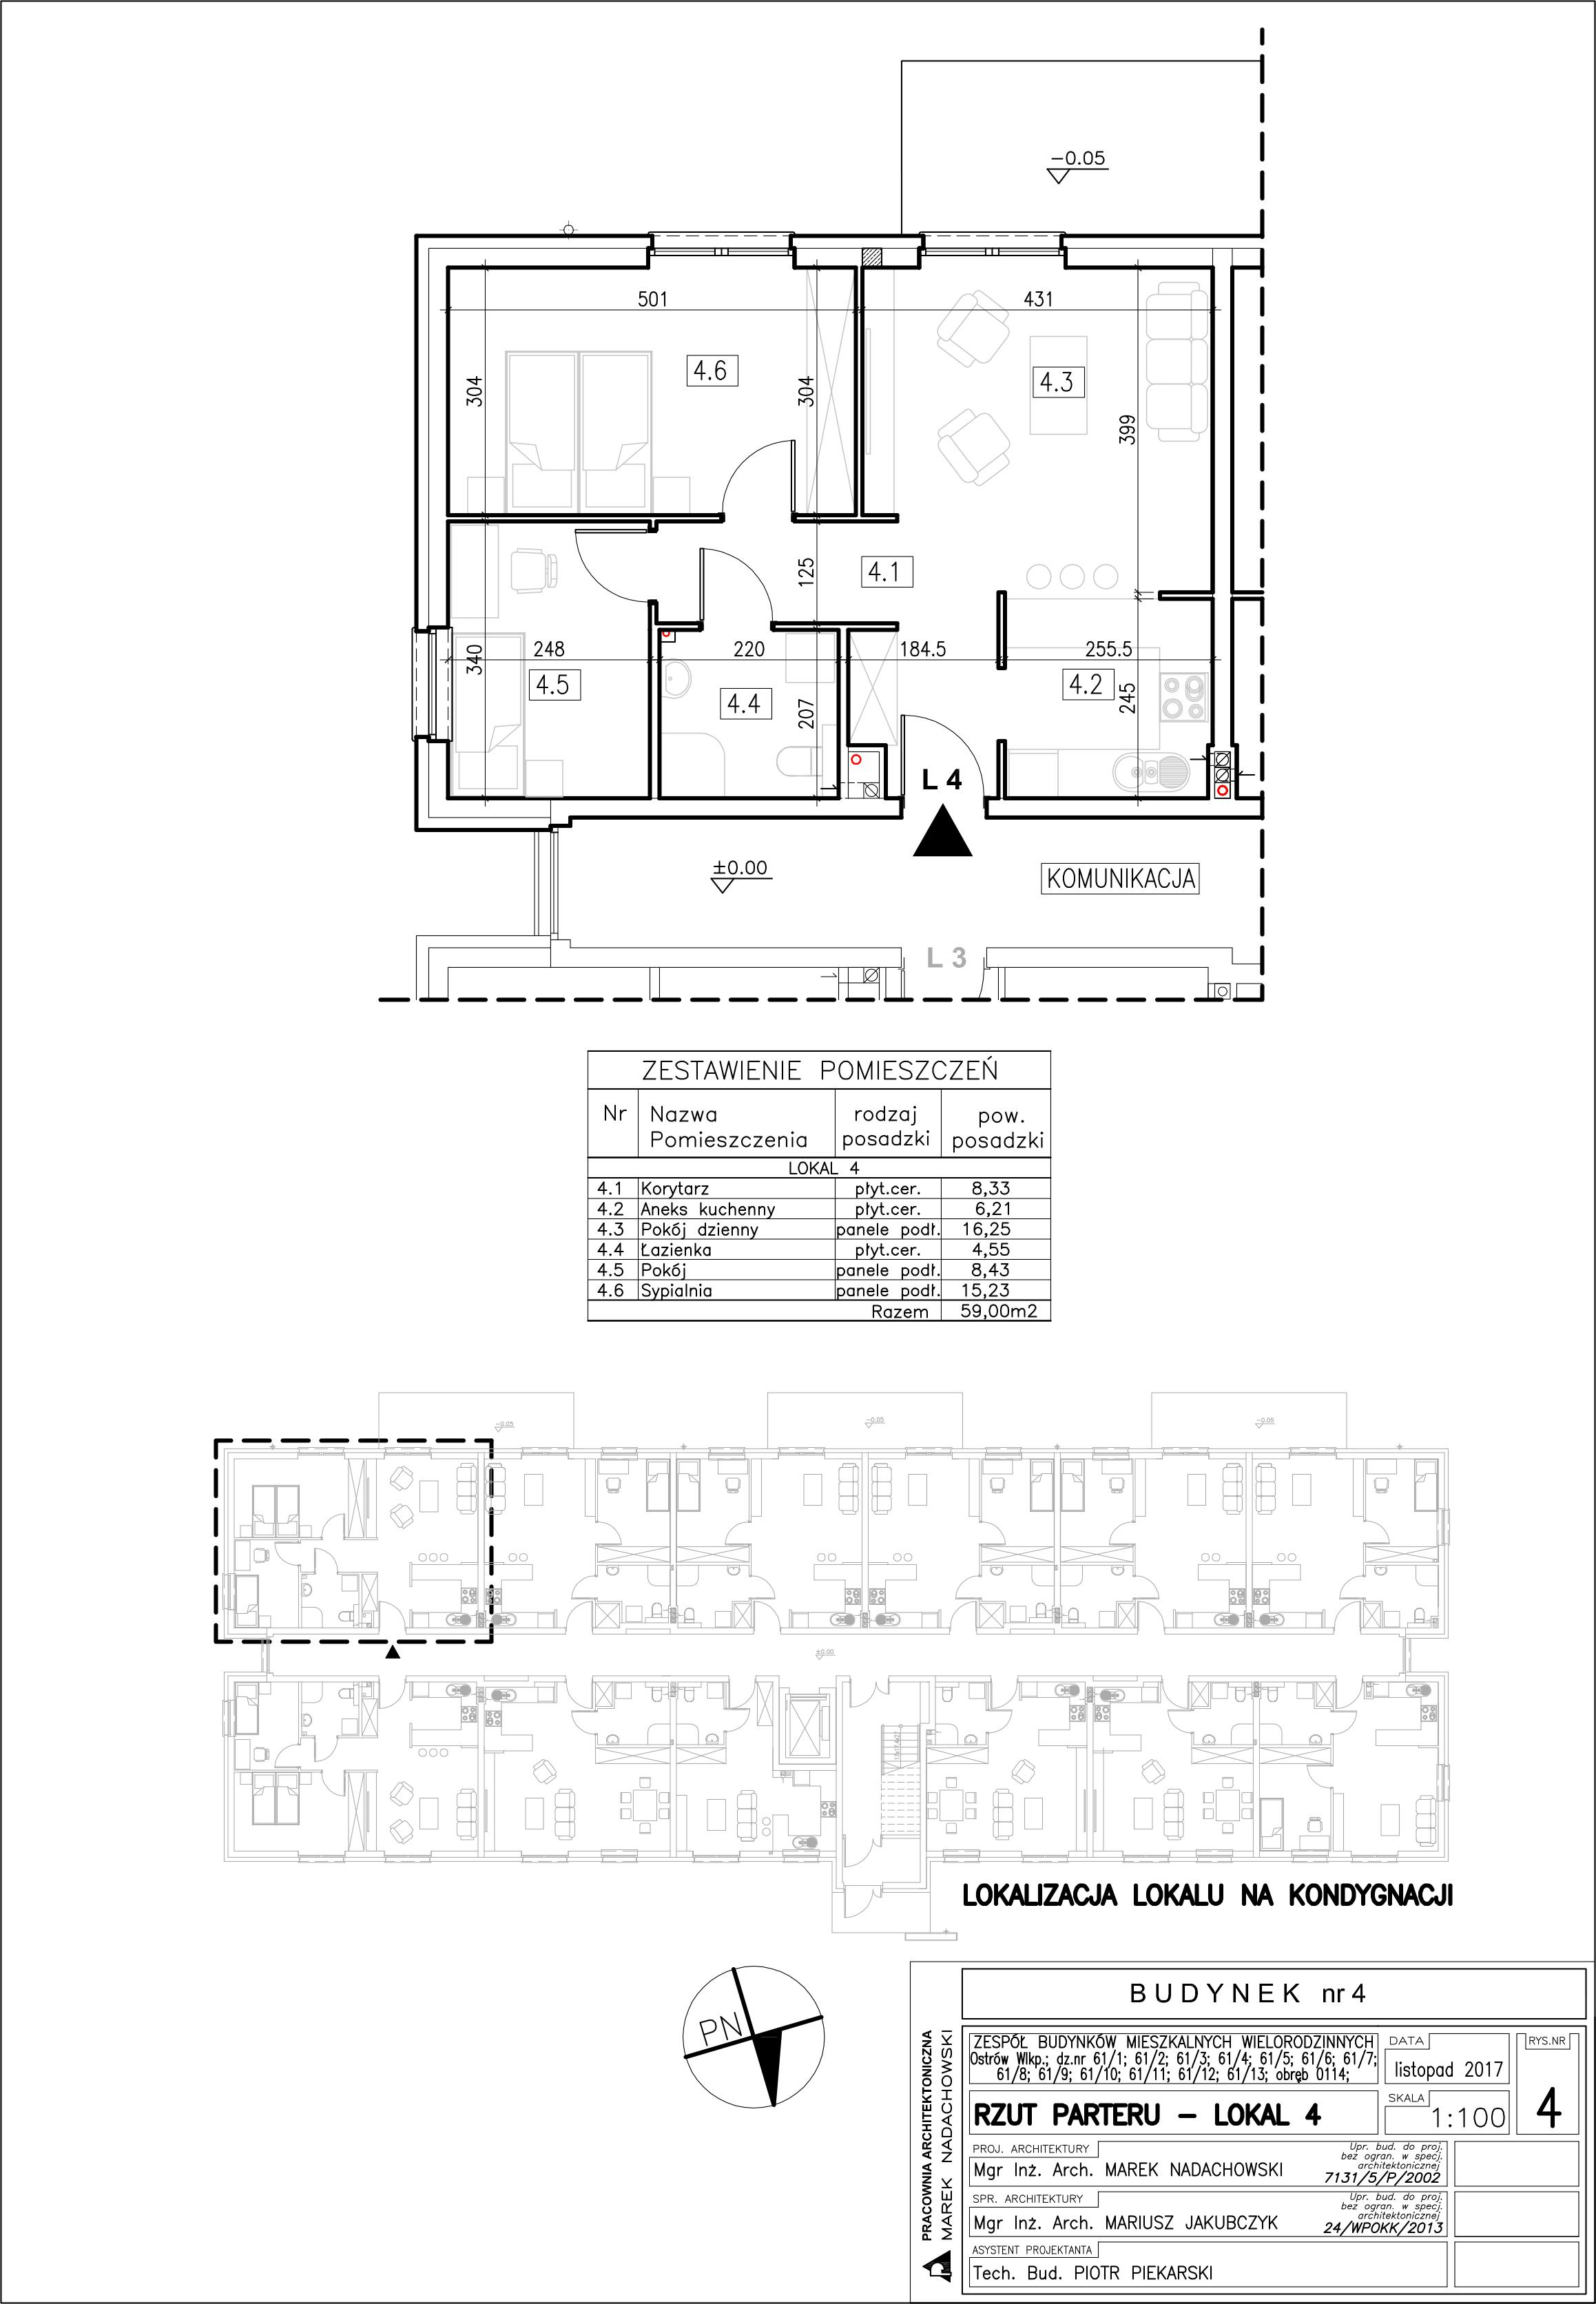 Lokal nr 4 Powierzchia: 59,00 m2